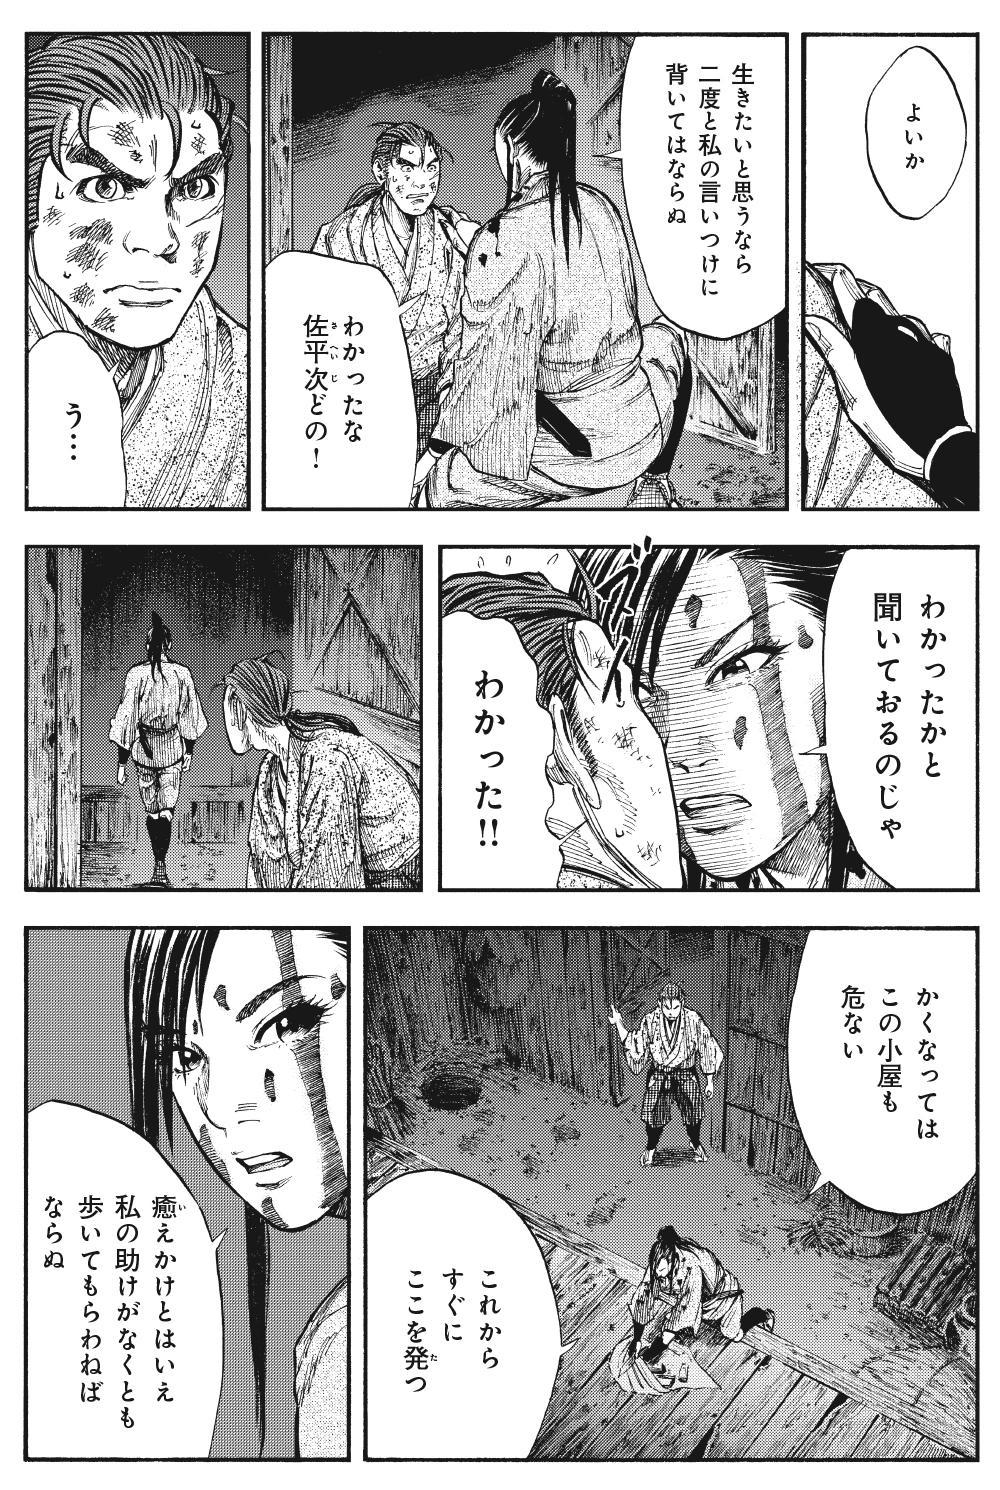 真田太平記 第7話「暗夜激闘」①sanada13-15.jpg